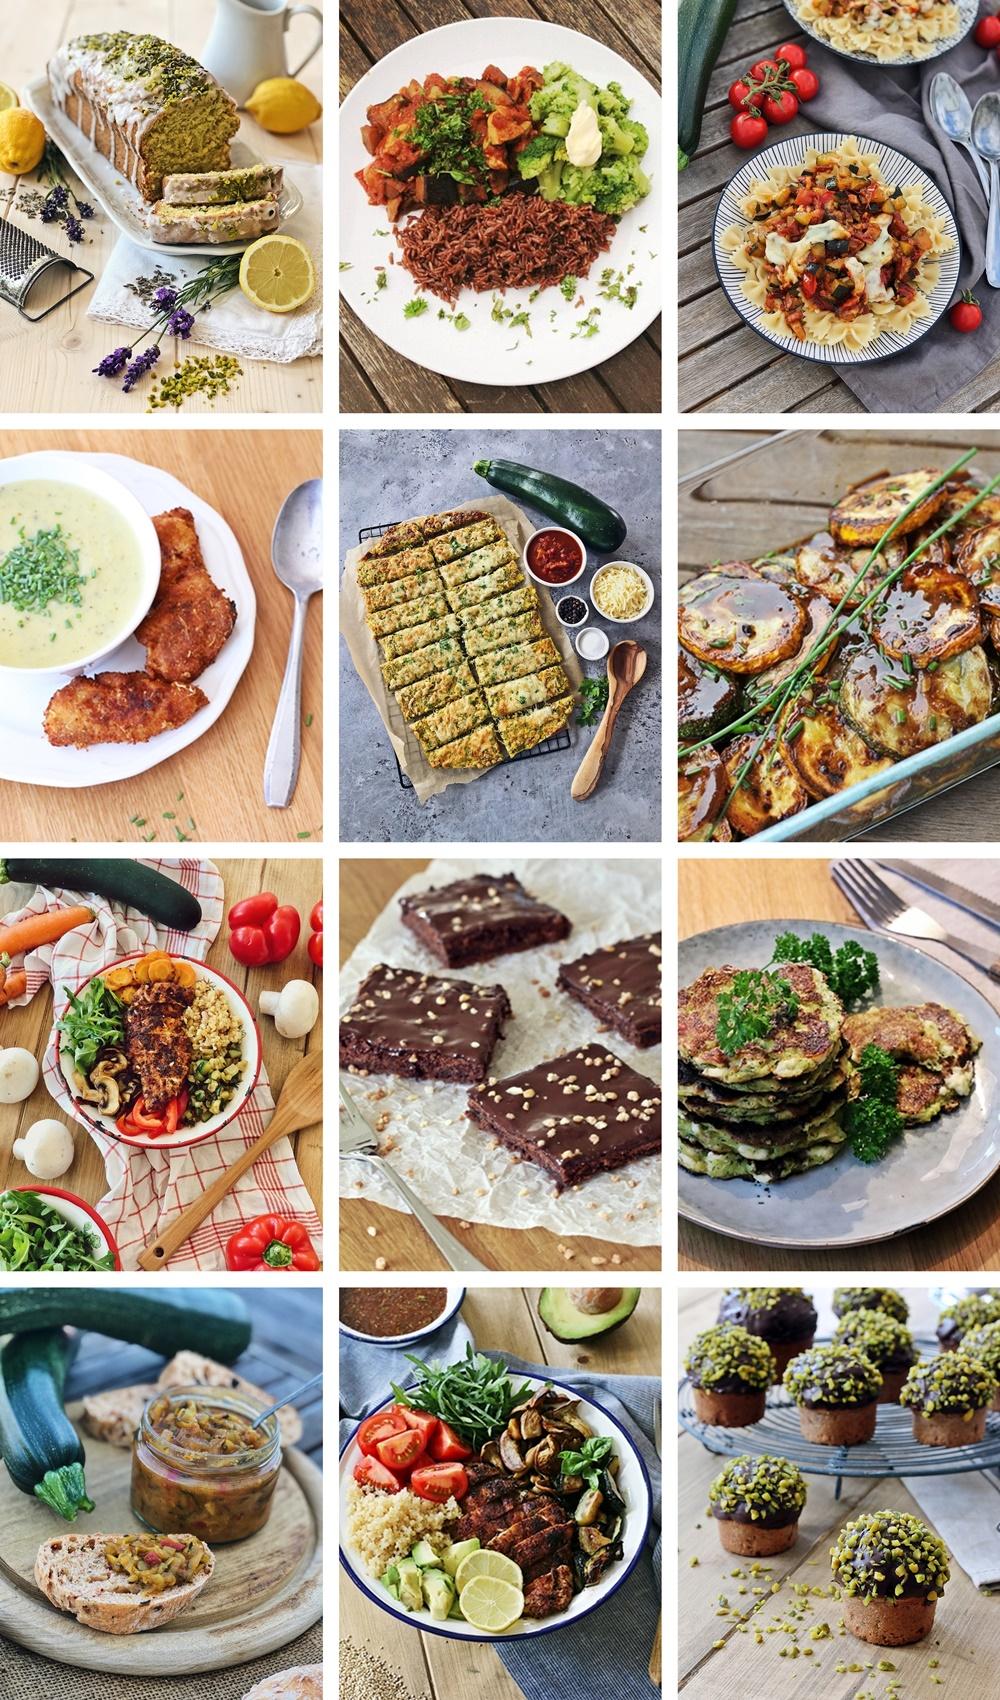 Die besten Zucchini Rezepte-fashionkitchen-zucchini-kuchen-suppe-auflauf-breadsticks-bowl-relish-chutney